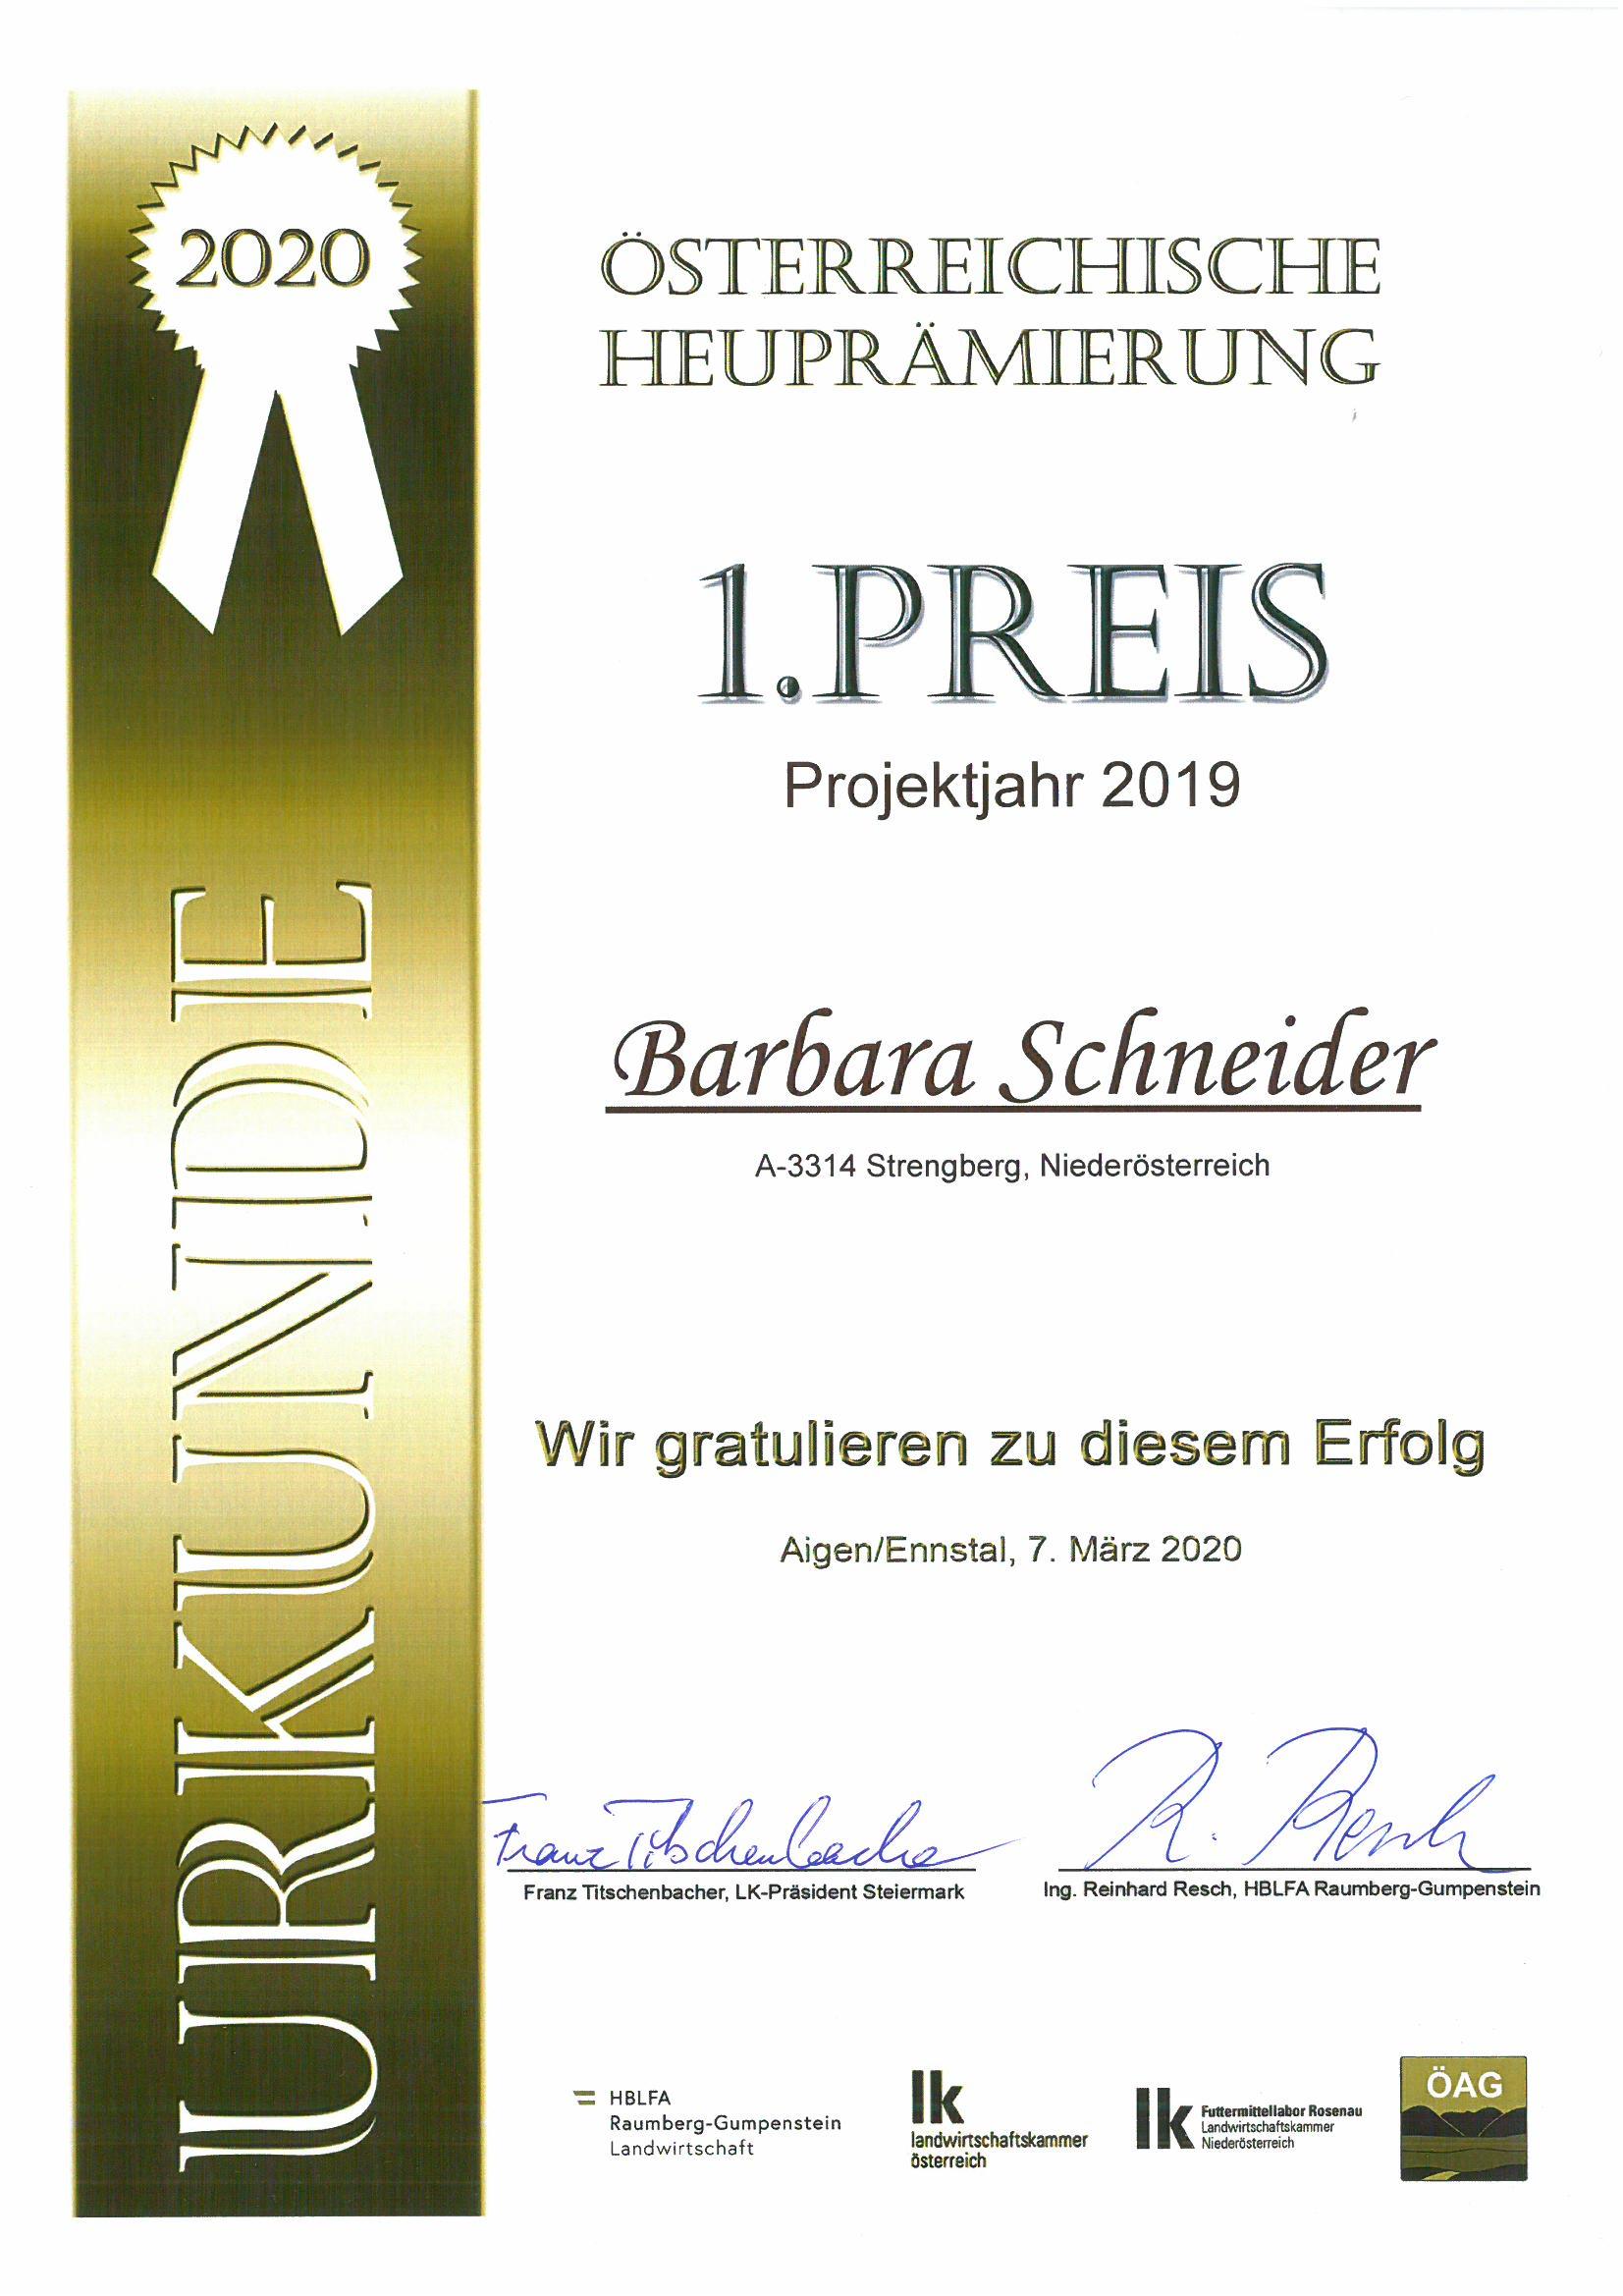 PR Werbung Berichte Zeitung Prospekt Broschüre Newsletter Veranstaltungen Strengberg NÖ